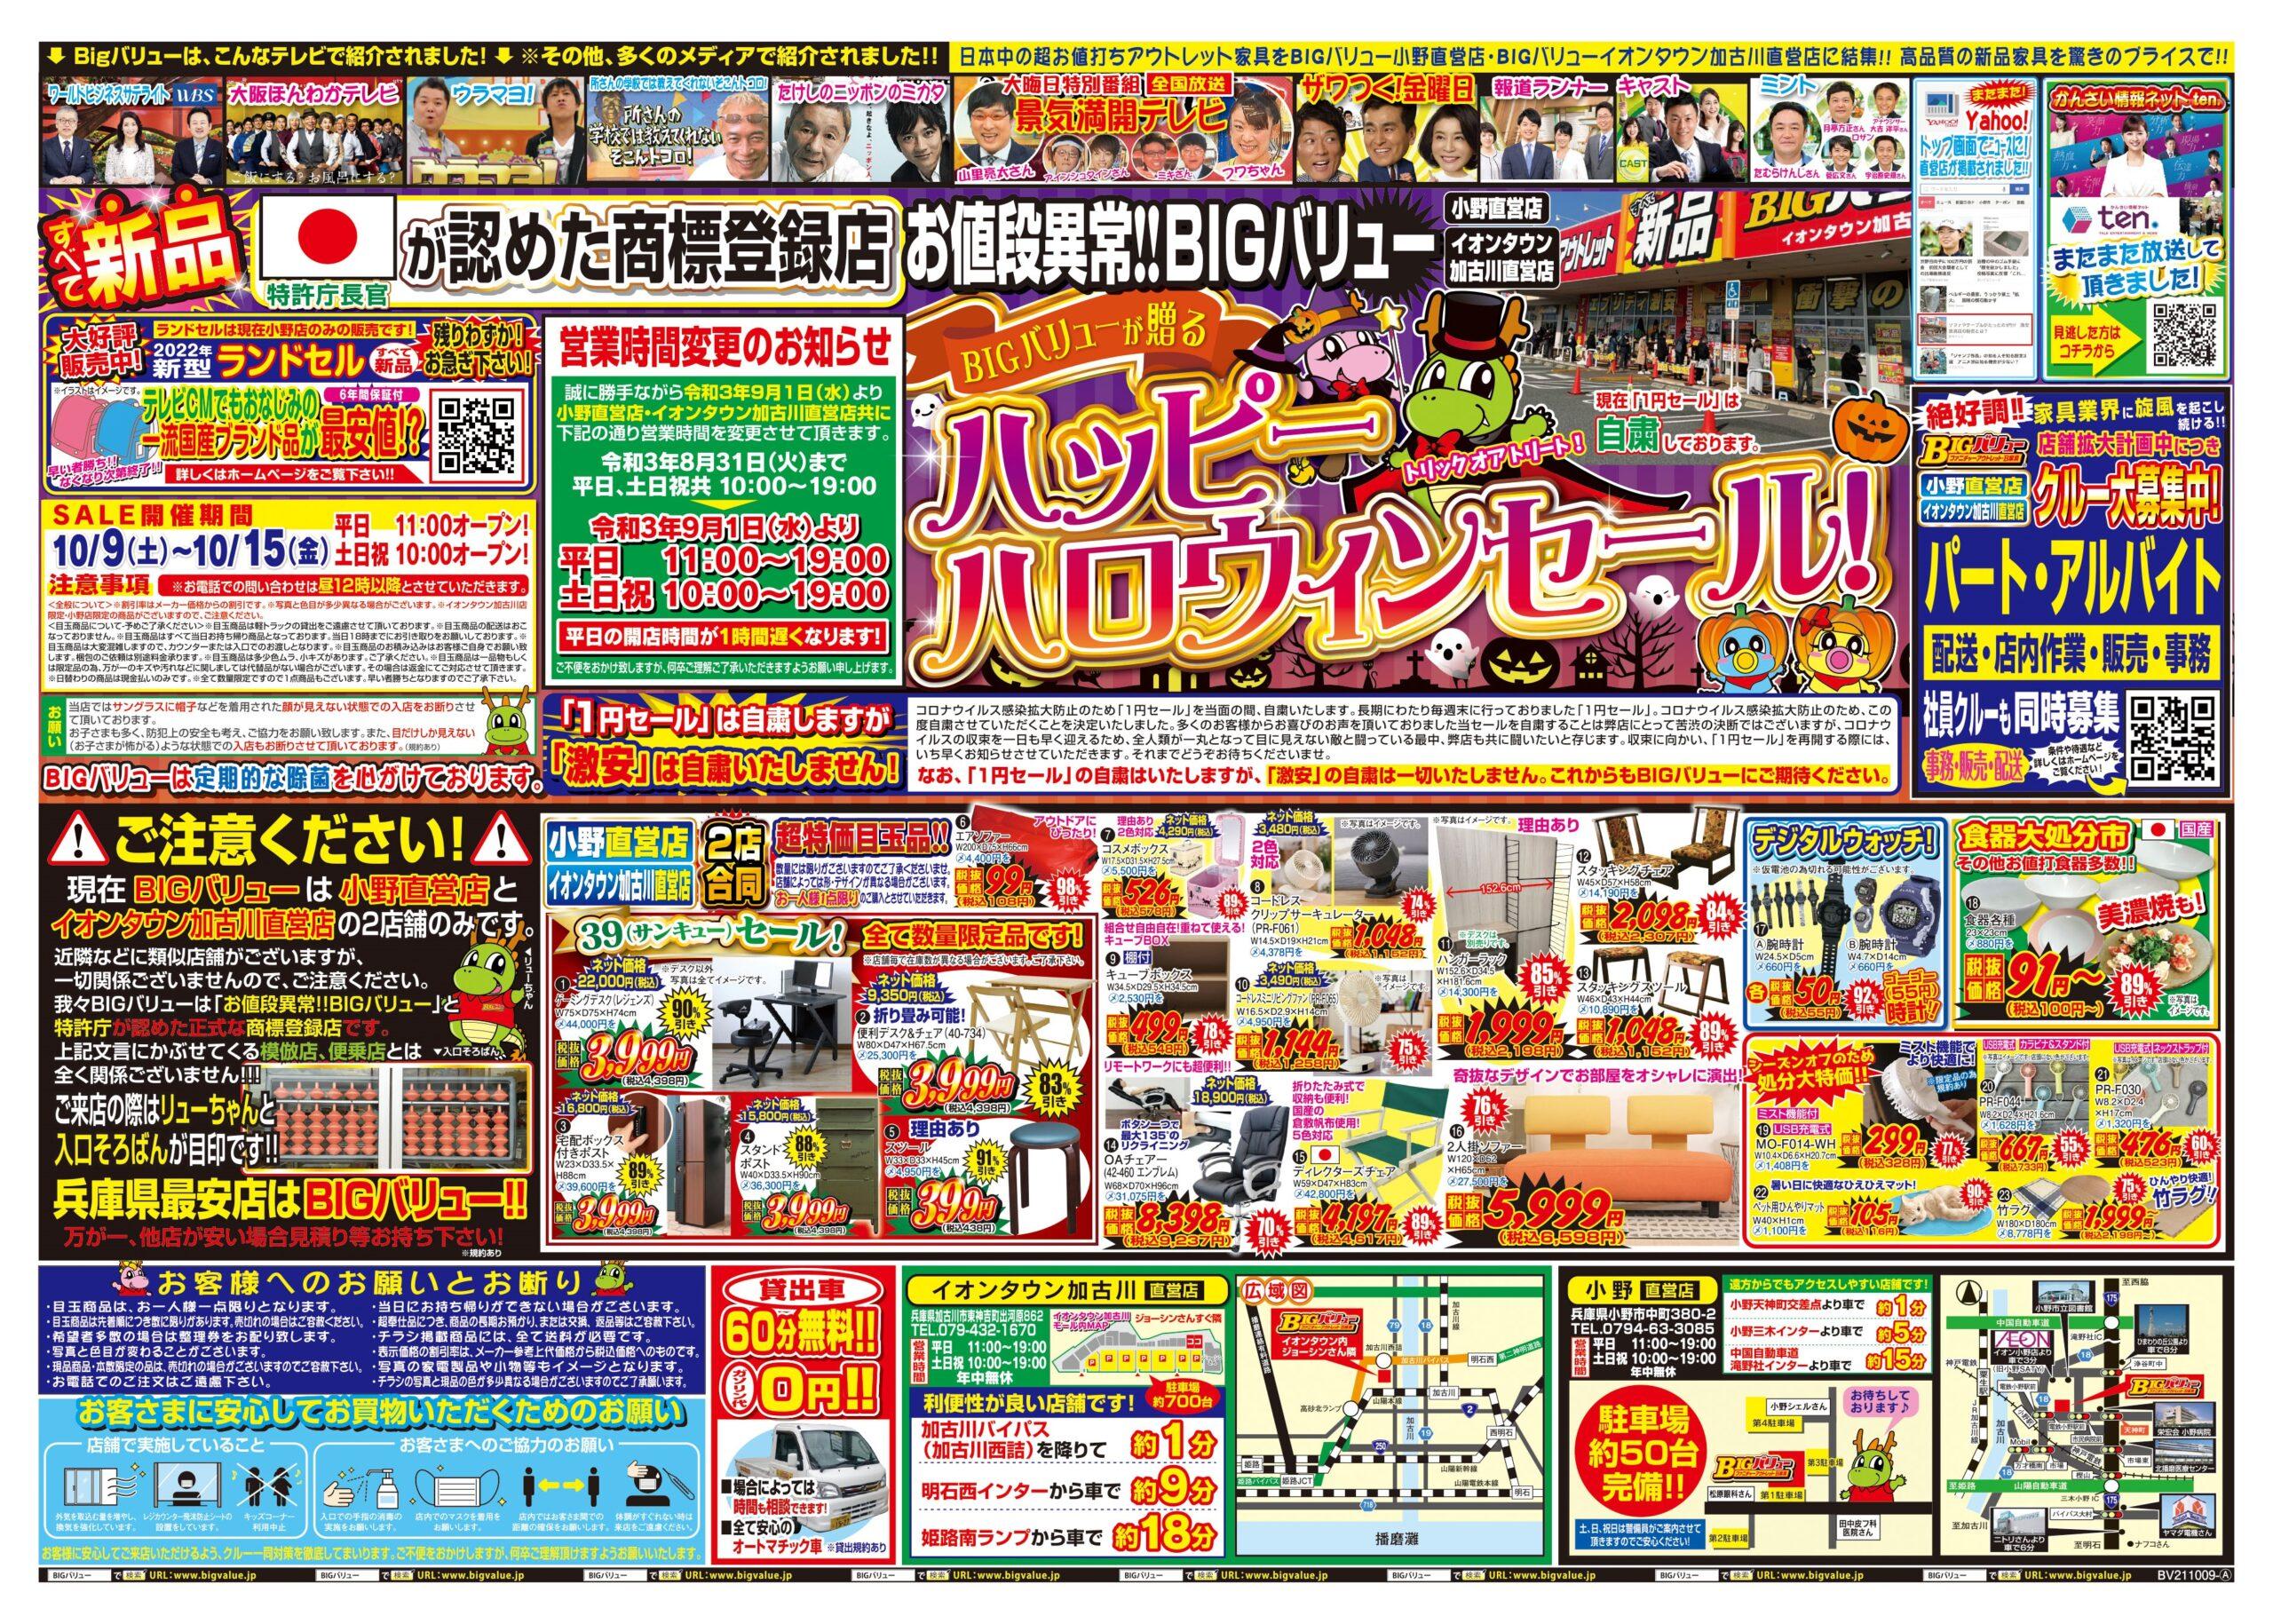 チラシ情報2021年10月9日~10月15日 小野店/イオンタウン加古川店